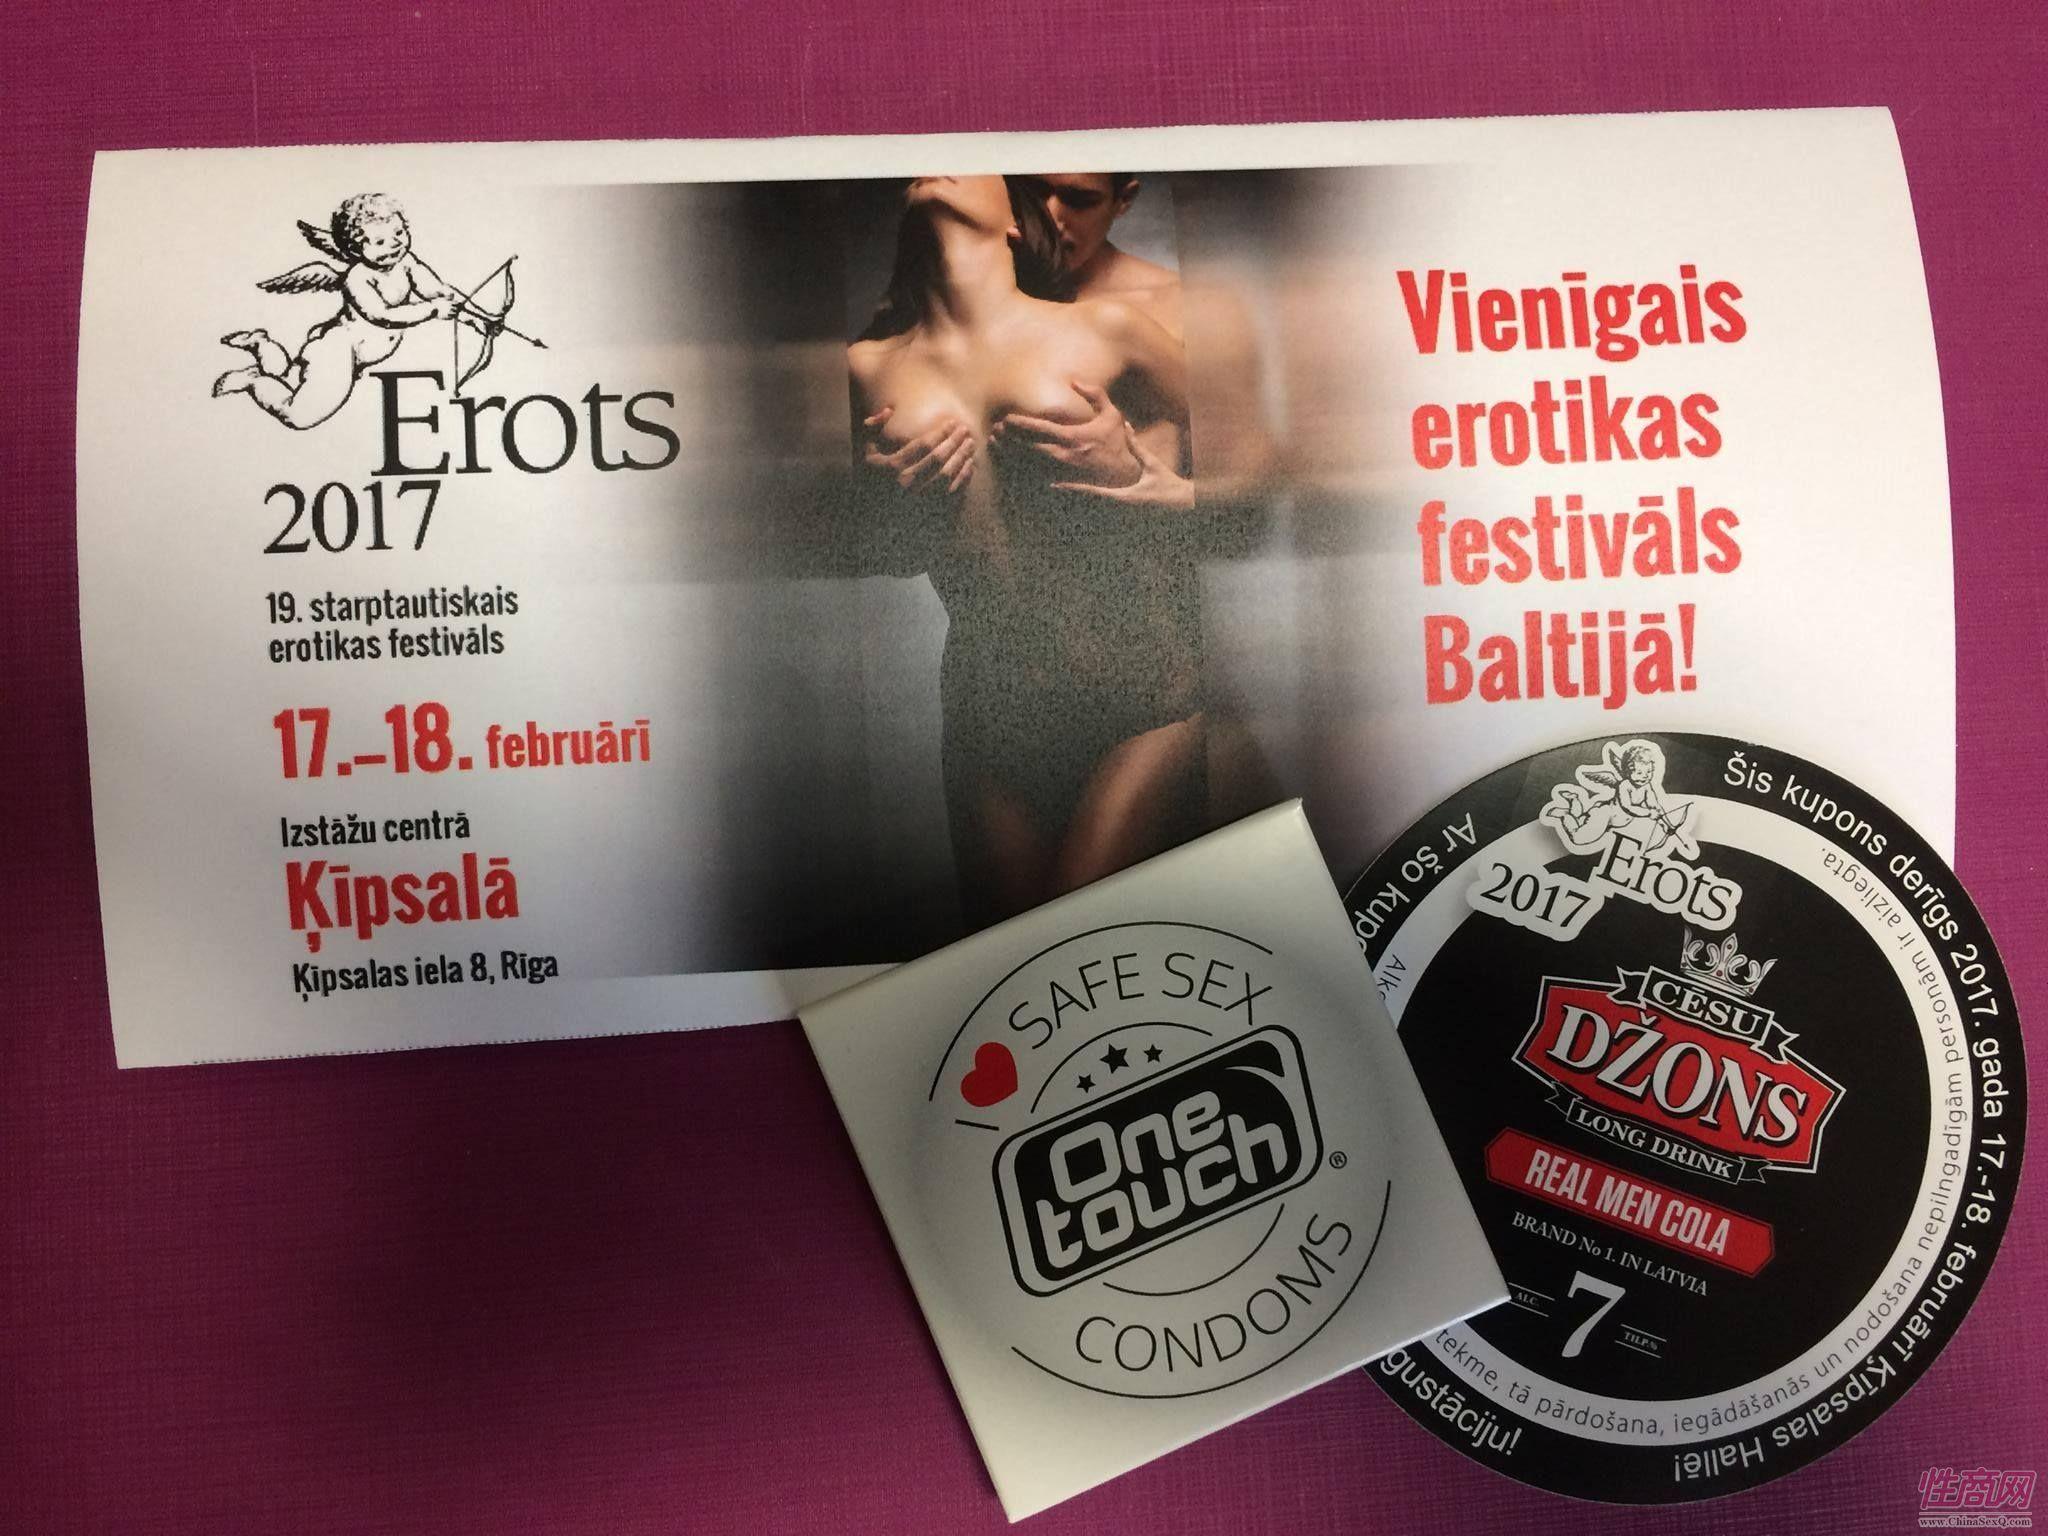 2017年拉脱维亚成人展 Erots--展会现场图片26